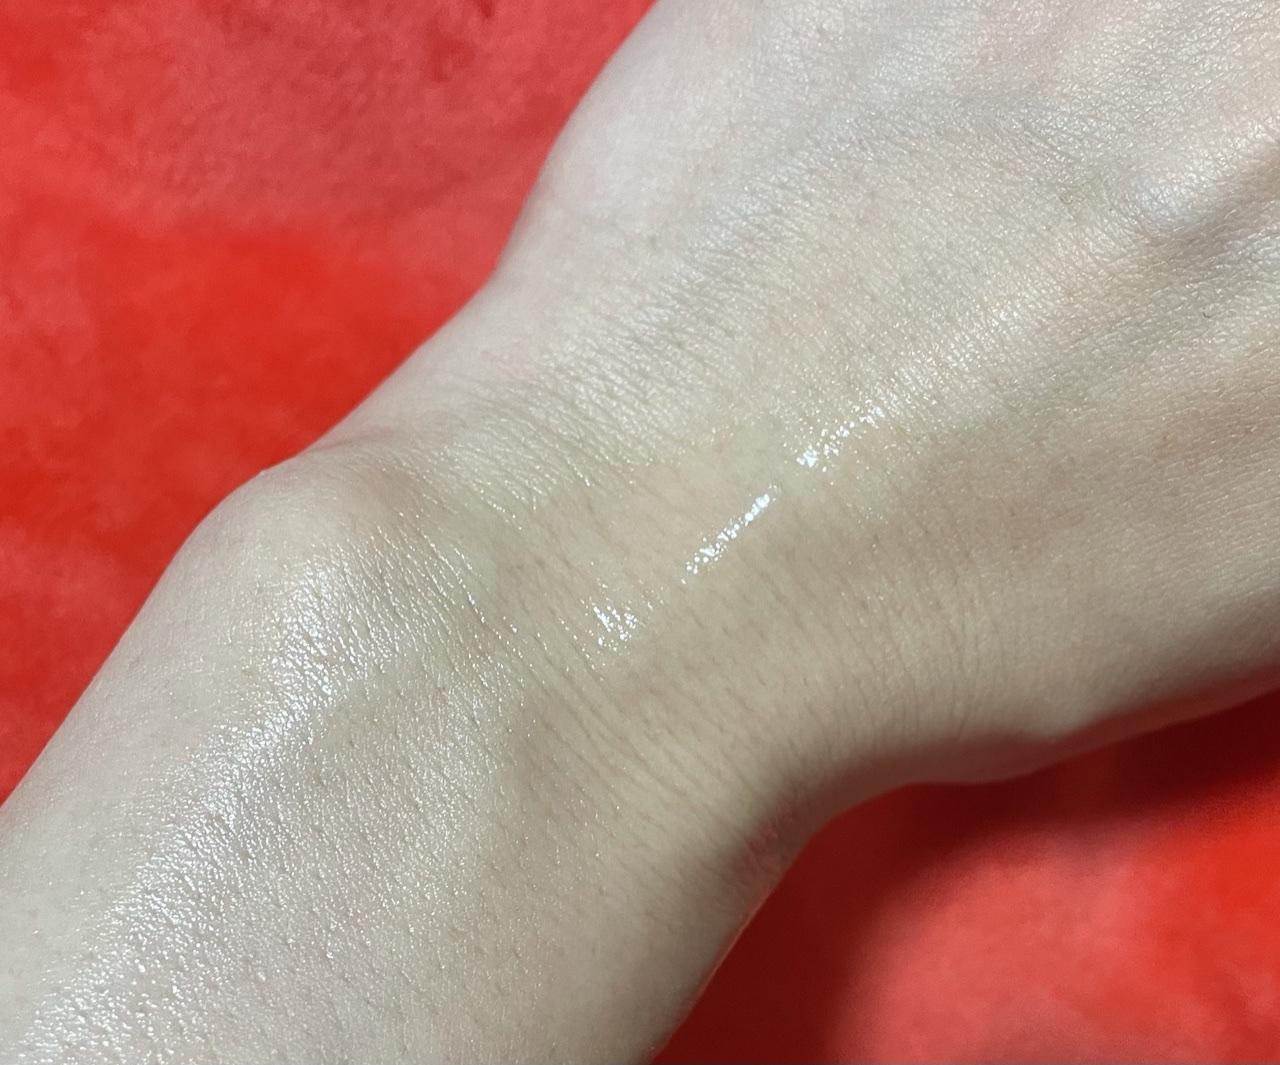 CHANELの化粧水をスプレーした手元